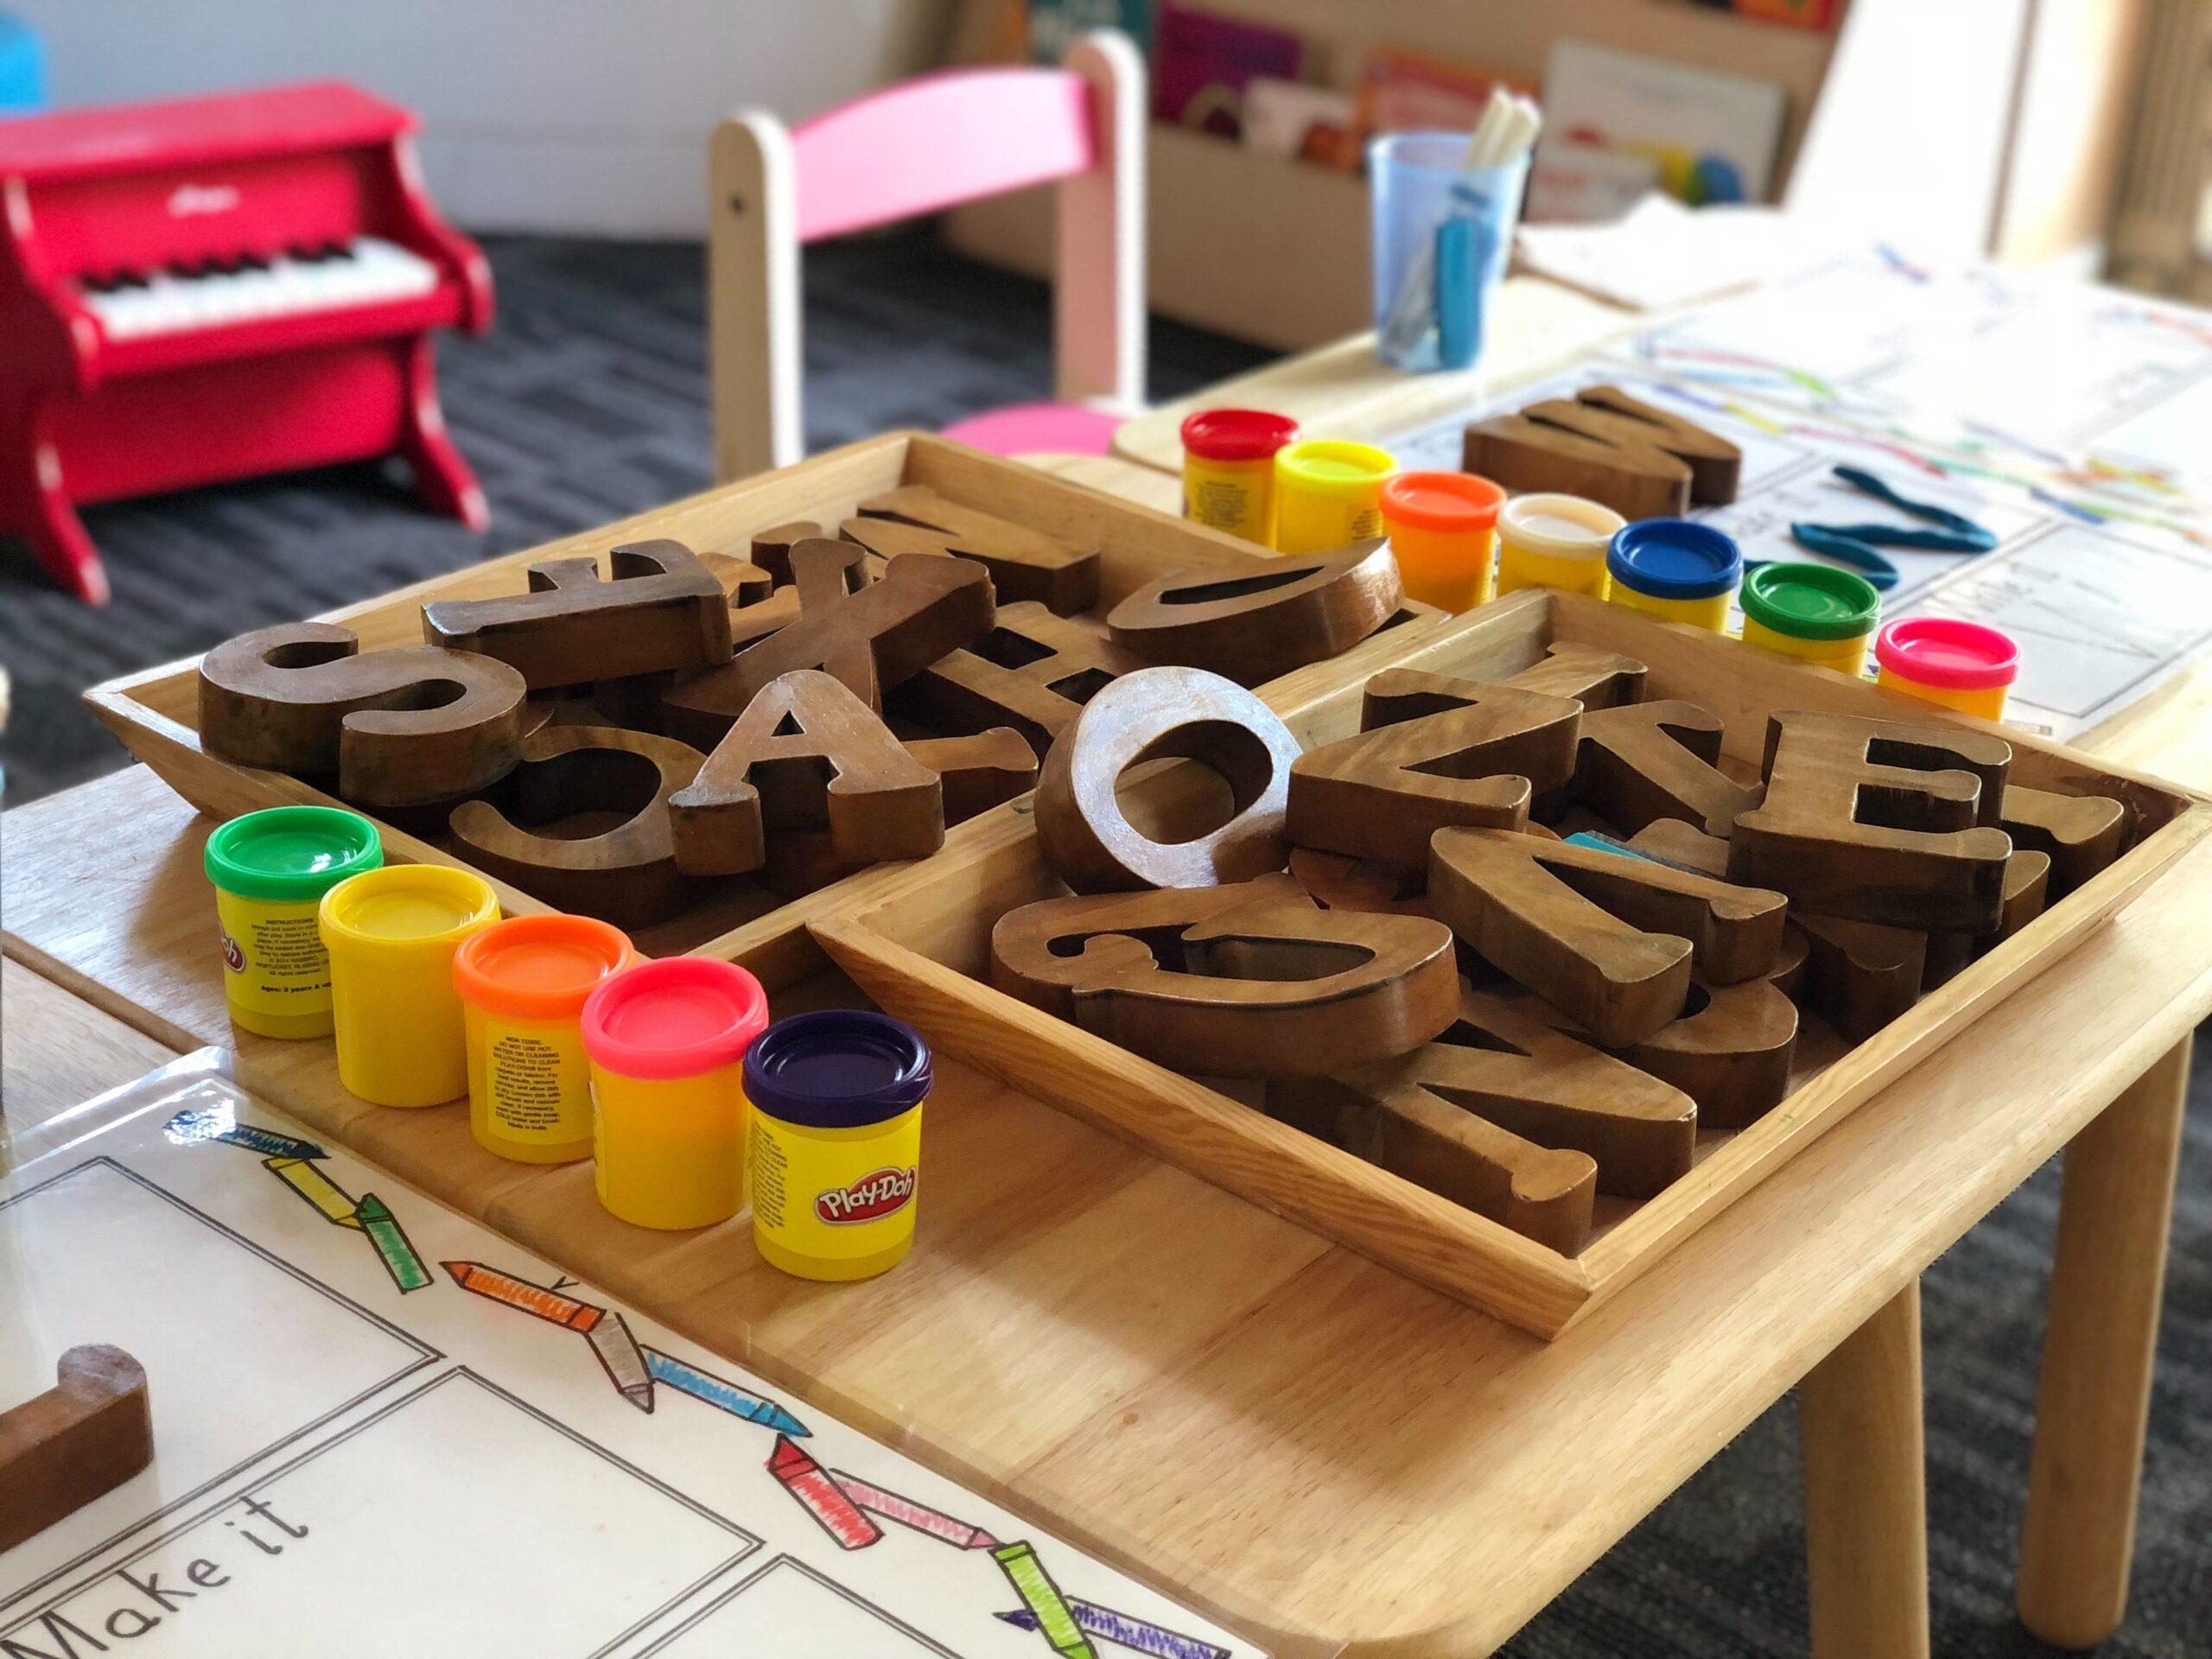 Virginia Preschool Initiative; No Cost Pre-K // Iniciativa de preescolar de Virginia; Pre-K sin costo